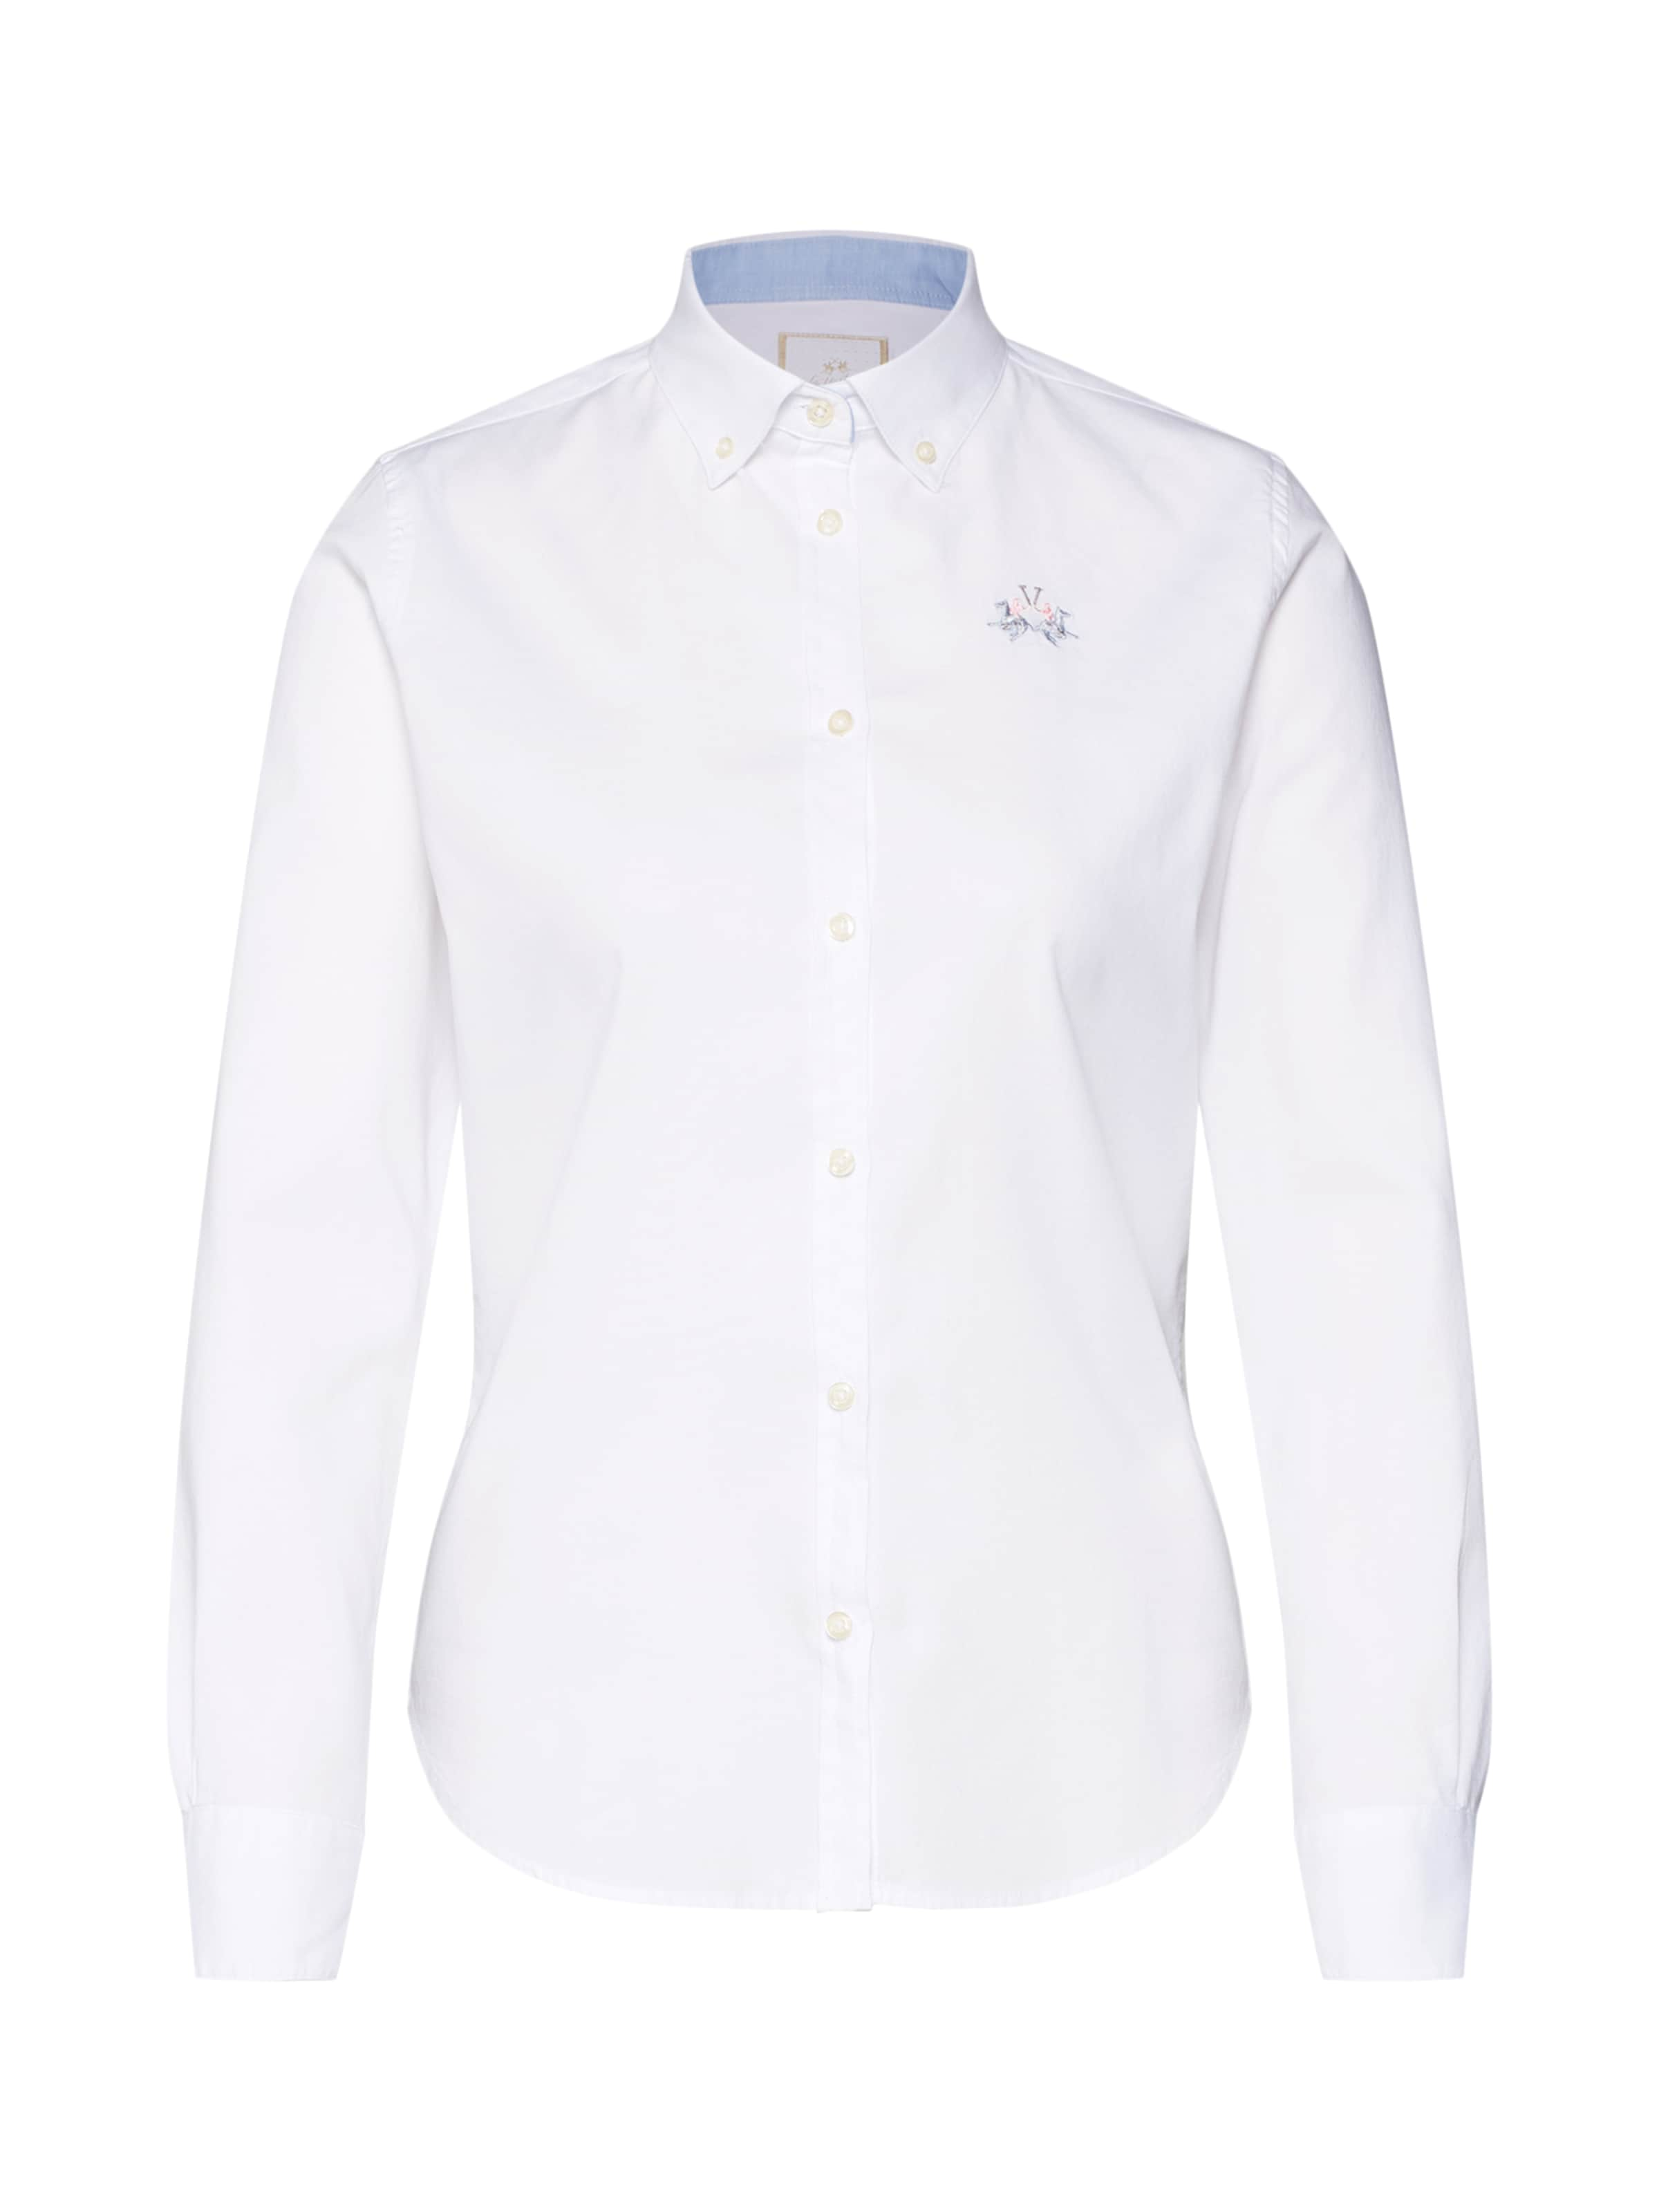 Oxford 1 s 30 In Weiß La Str' 2 Bluse Martina L 'shirt 50 bD2eHIEW9Y